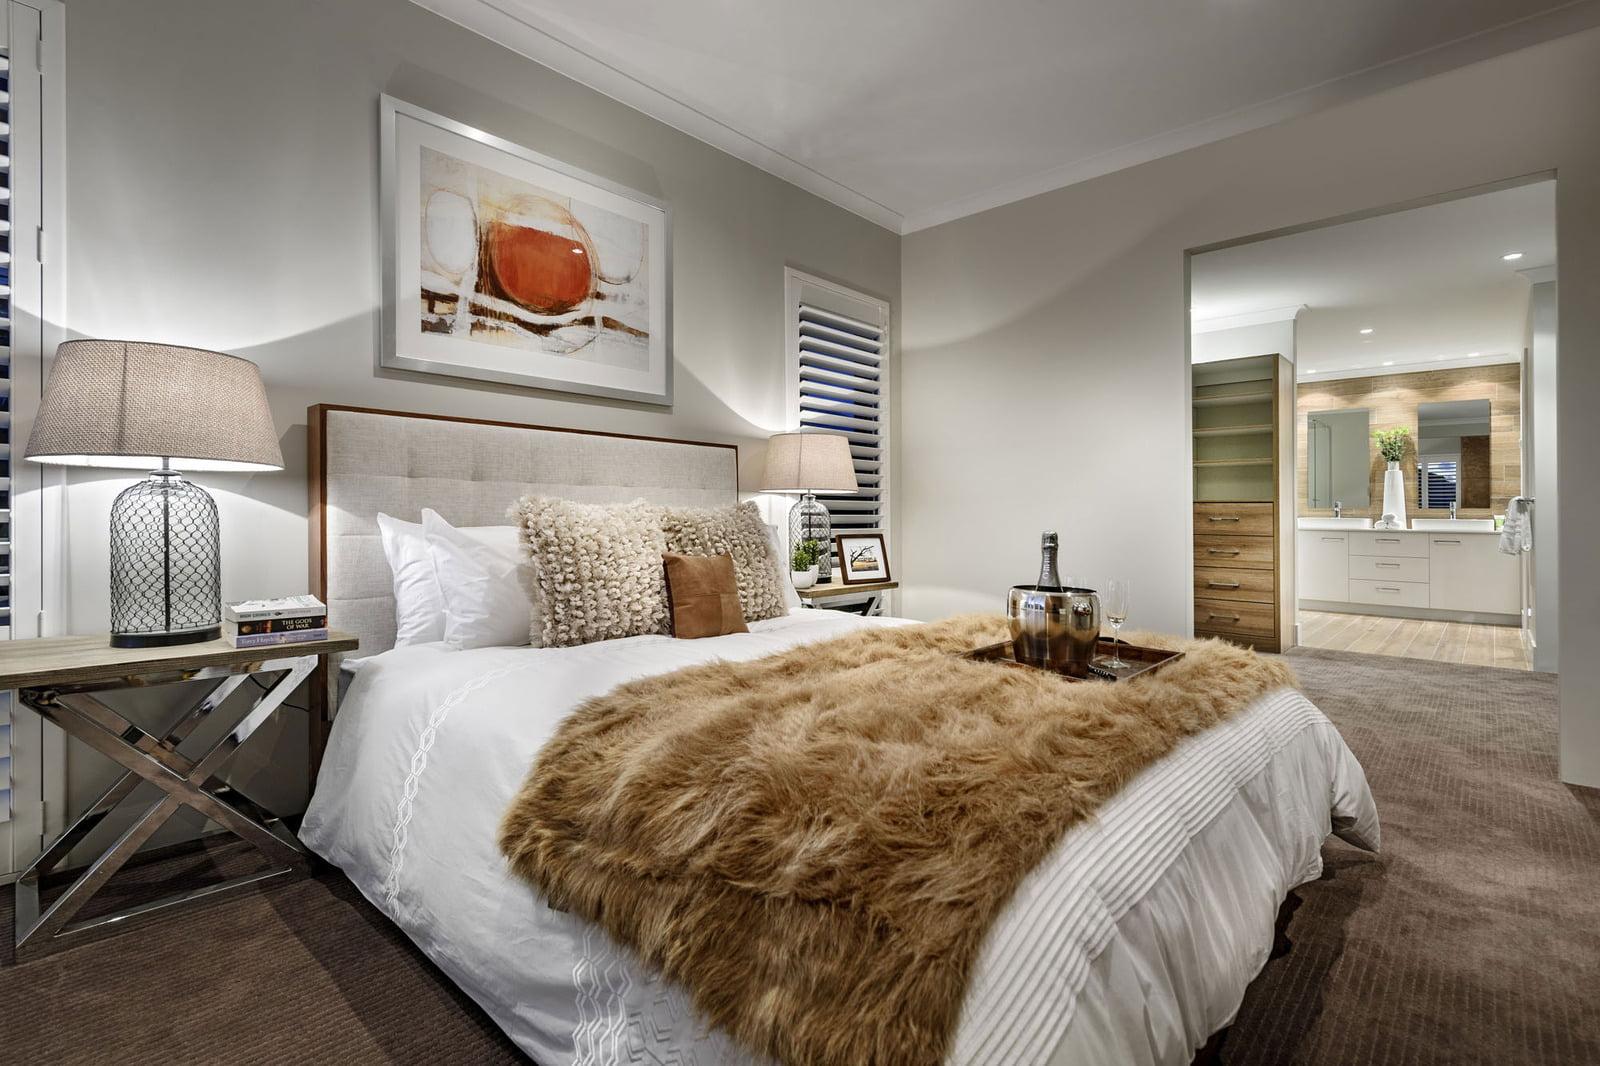 Diseño del dormitorio principal que incluye cuarto de baño completo